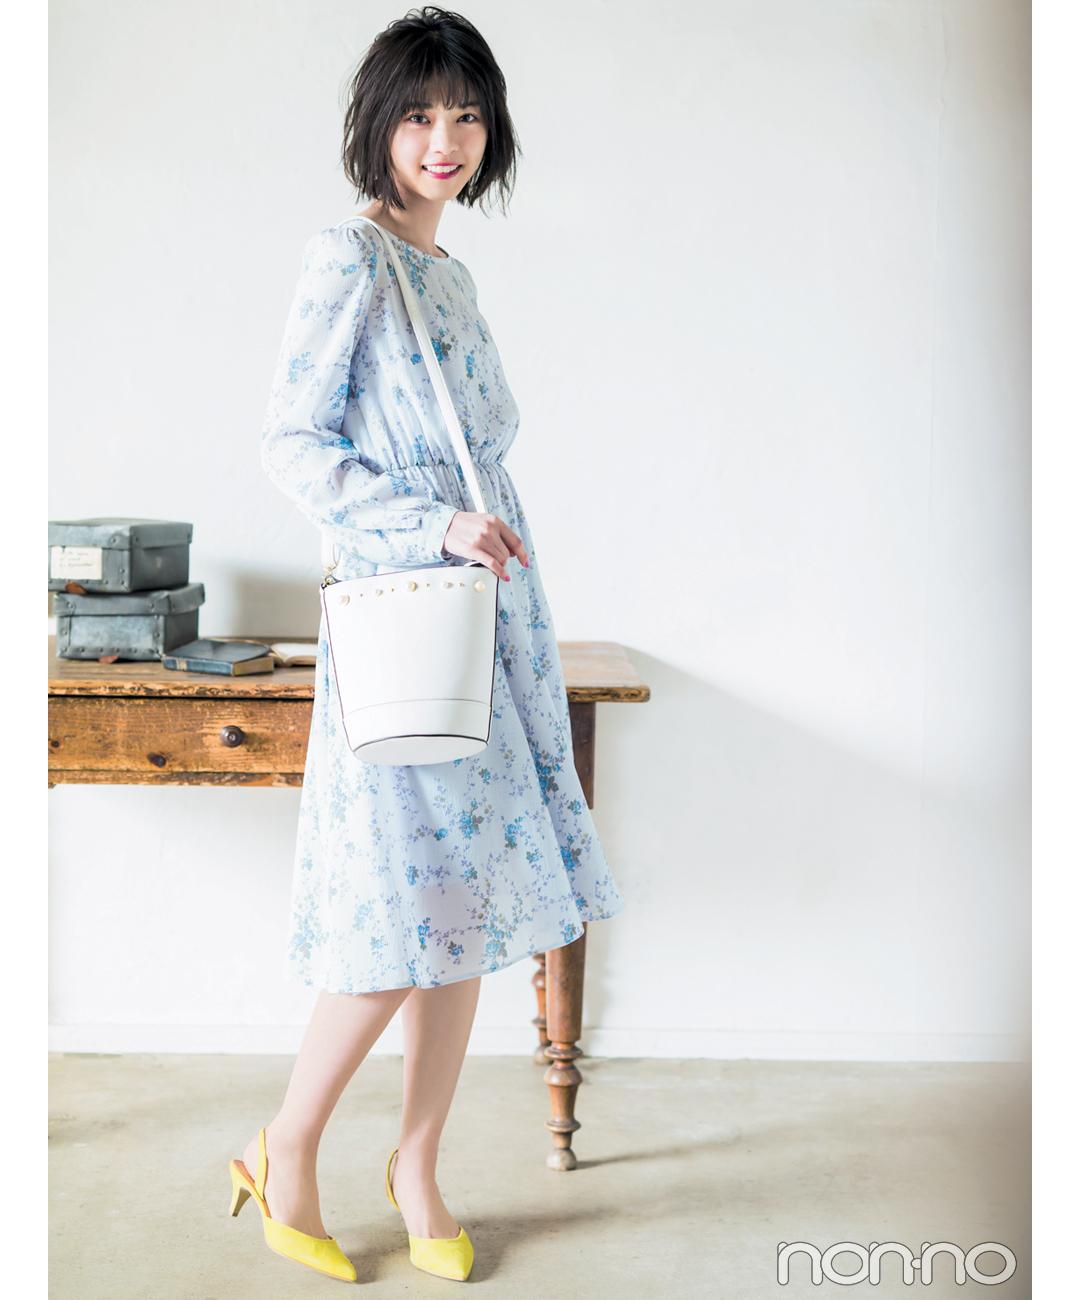 【夏のワンピースコーデ】西野七瀬のレトロ可愛いディテールで差がつく1着で大人っぽコーデ